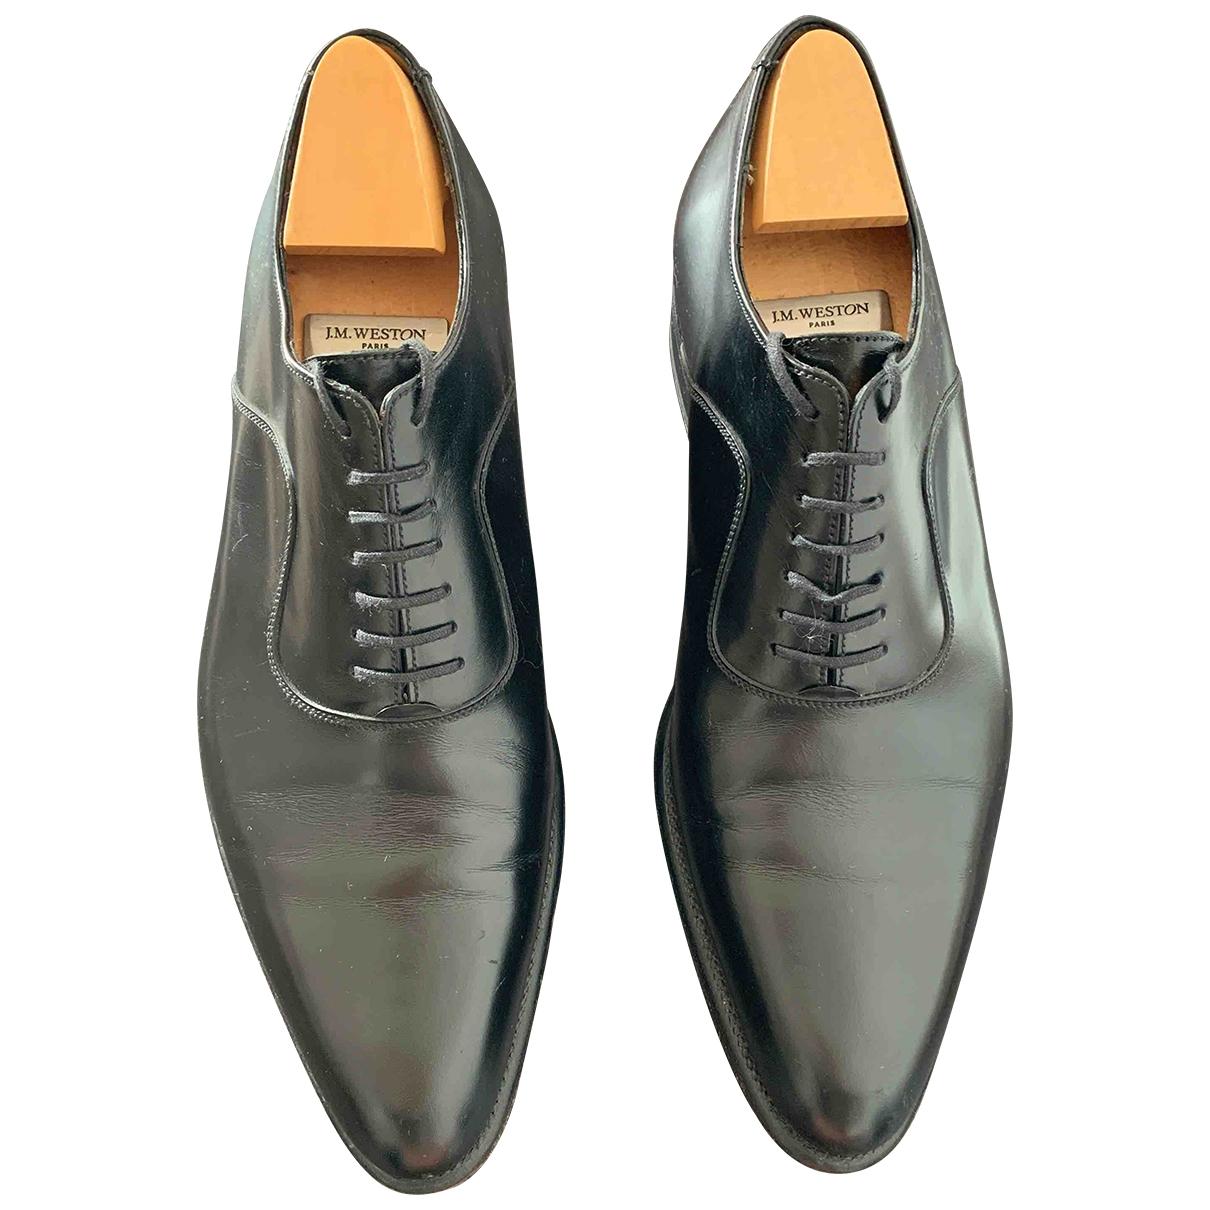 Jm Weston - Derbies   pour homme en cuir - noir